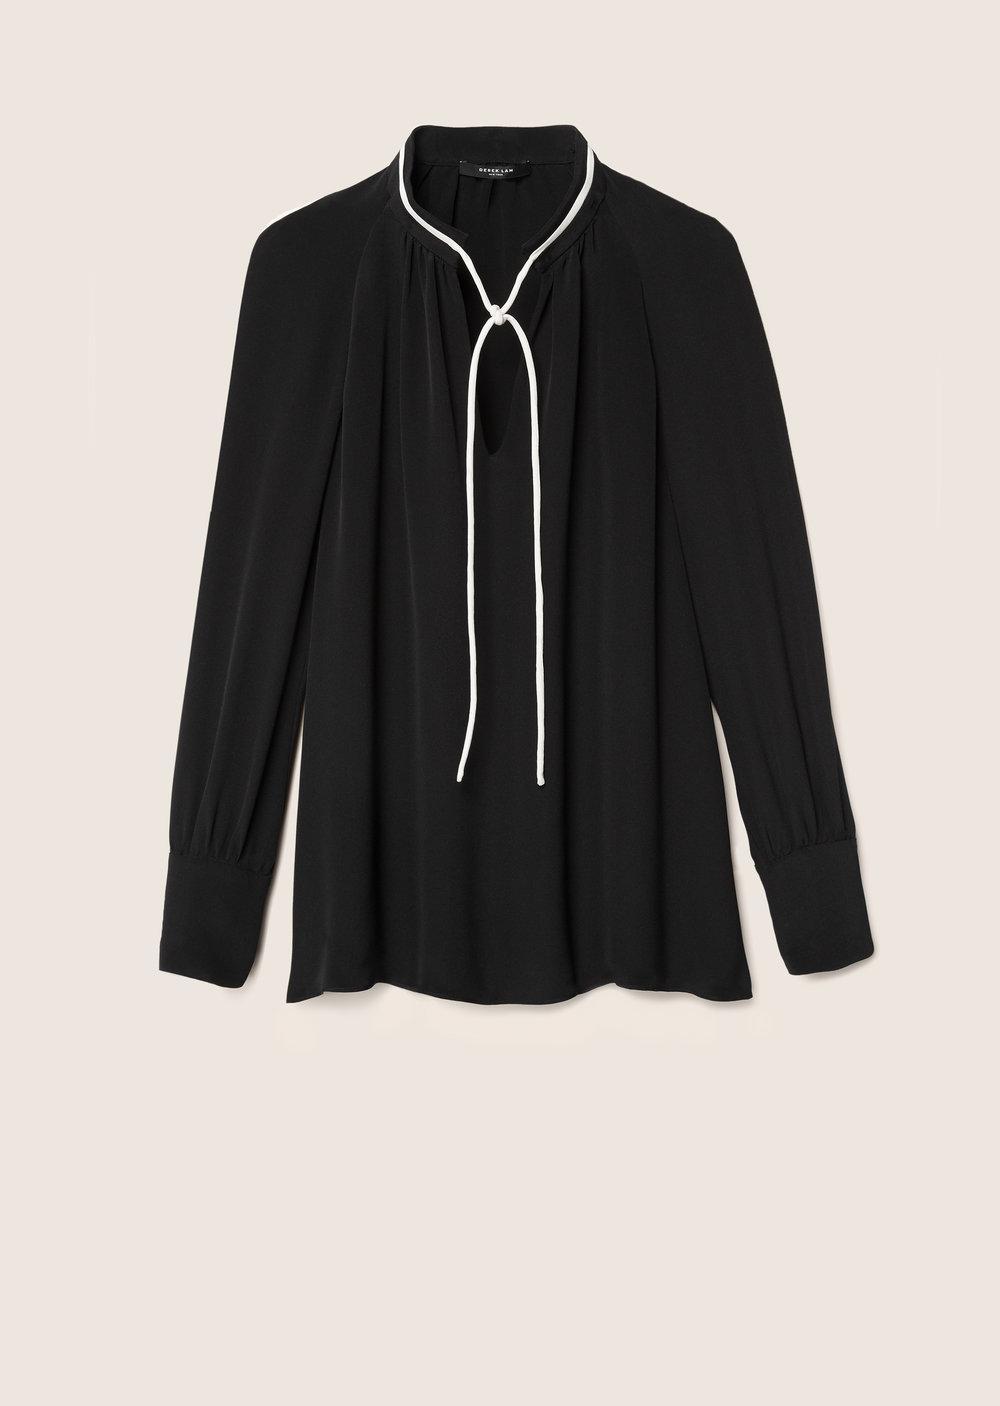 Derek Lam Sonia Long Sleeve Blouse In Black